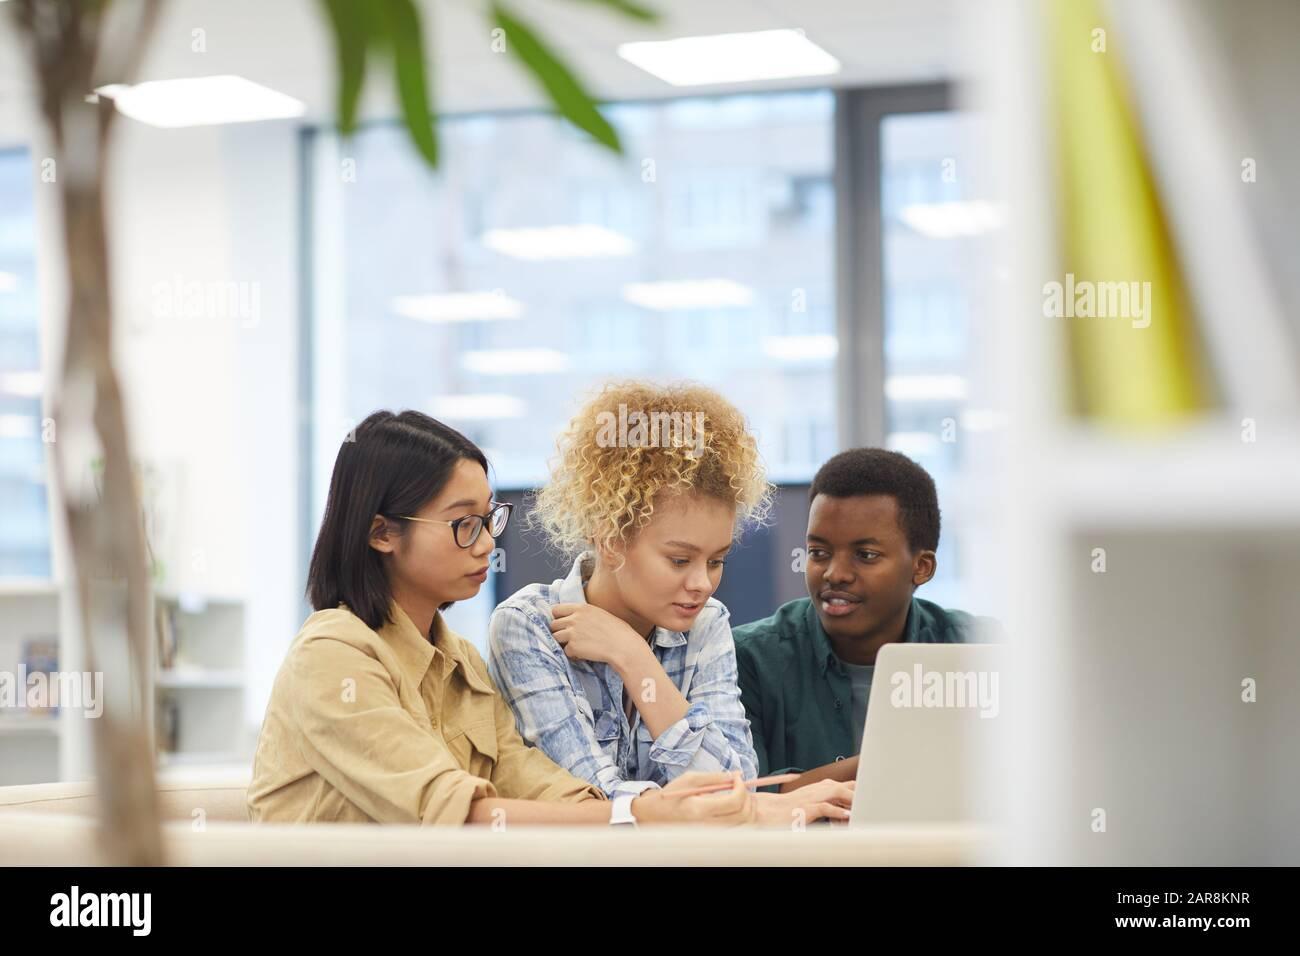 Portrait d'un groupe multi-ethnique d'étudiants utilisant ensemble un ordinateur portable tout en travaillant sur un projet dans la bibliothèque, espace de copie Banque D'Images